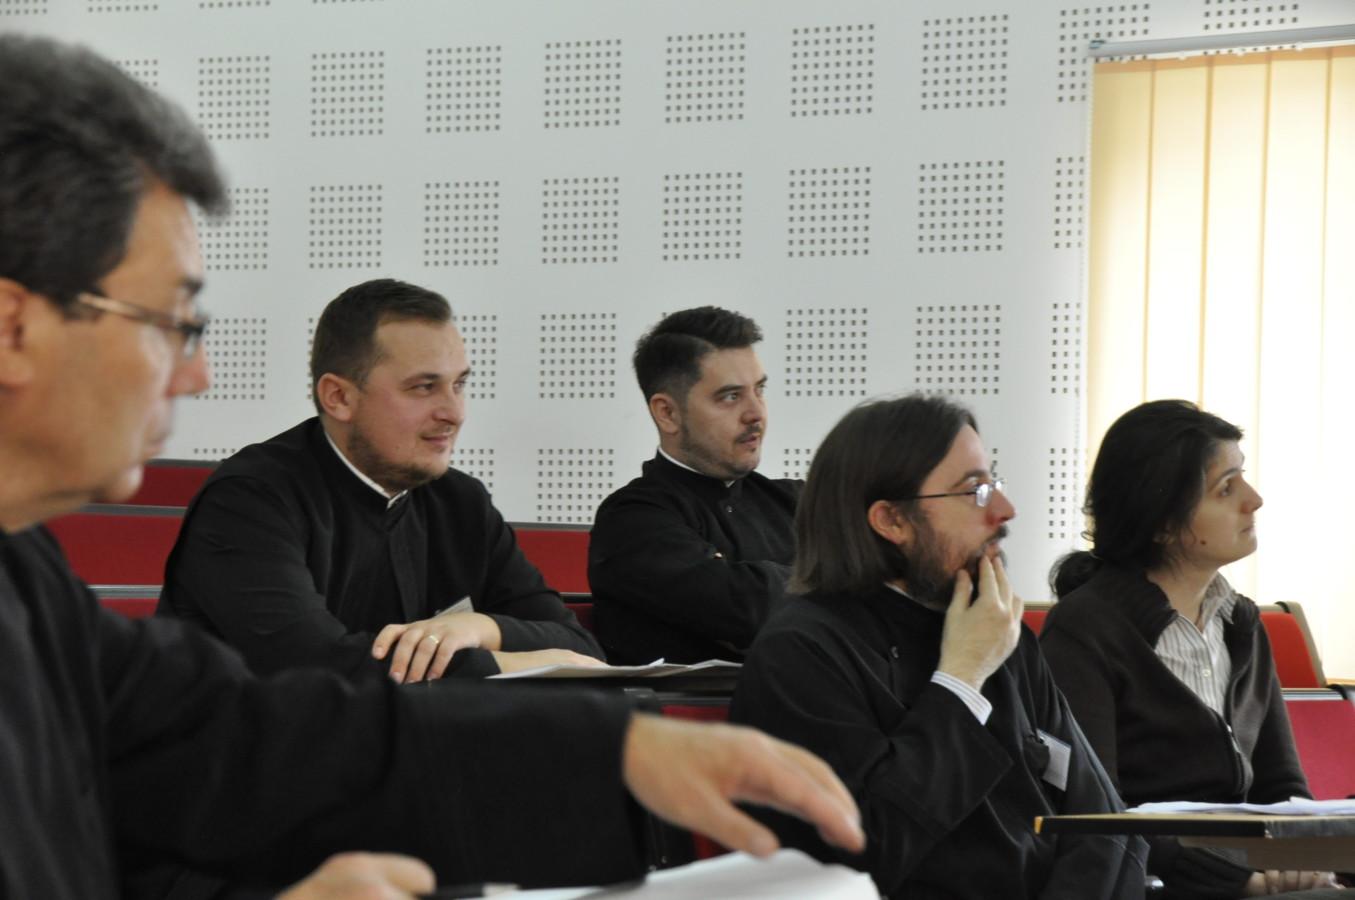 Facultatea de Teologie Ortodoxă din Cluj-Napoca, gazda Conferinței Naționale a Doctoranzilor Teologi